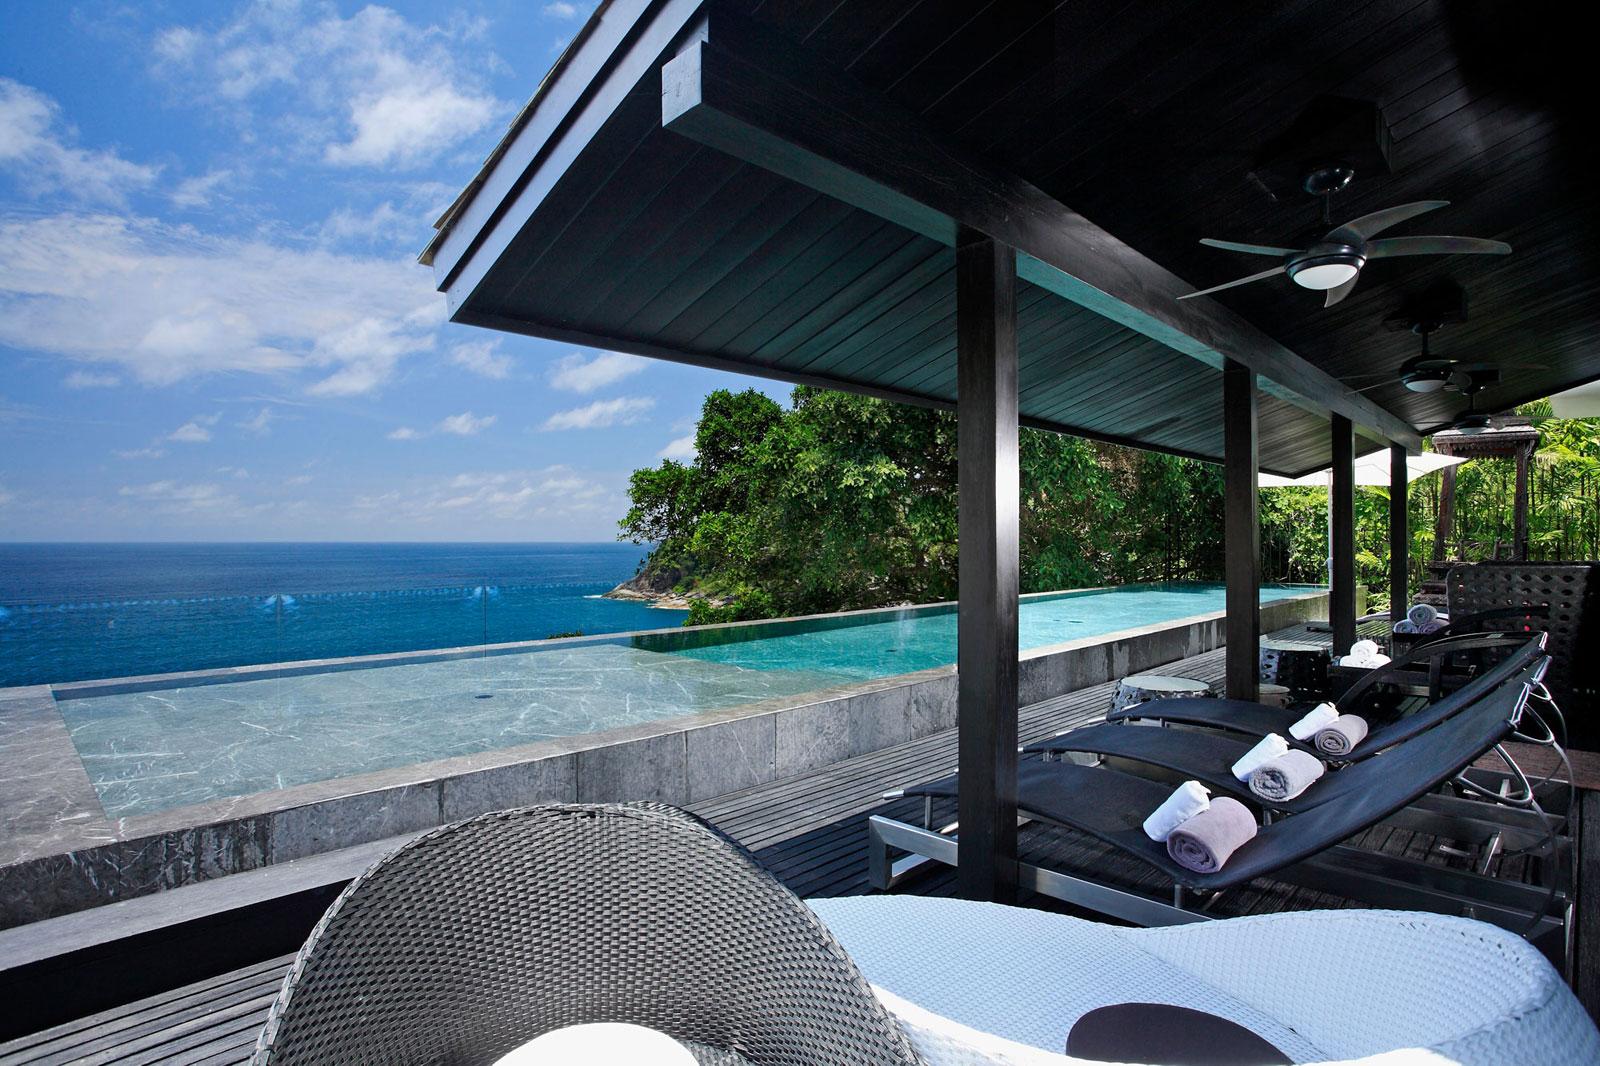 Вилла Yin расположена на пляже Камала, побережье миллионеров острова Пхукет, Таиланд. Дизайн виллы с